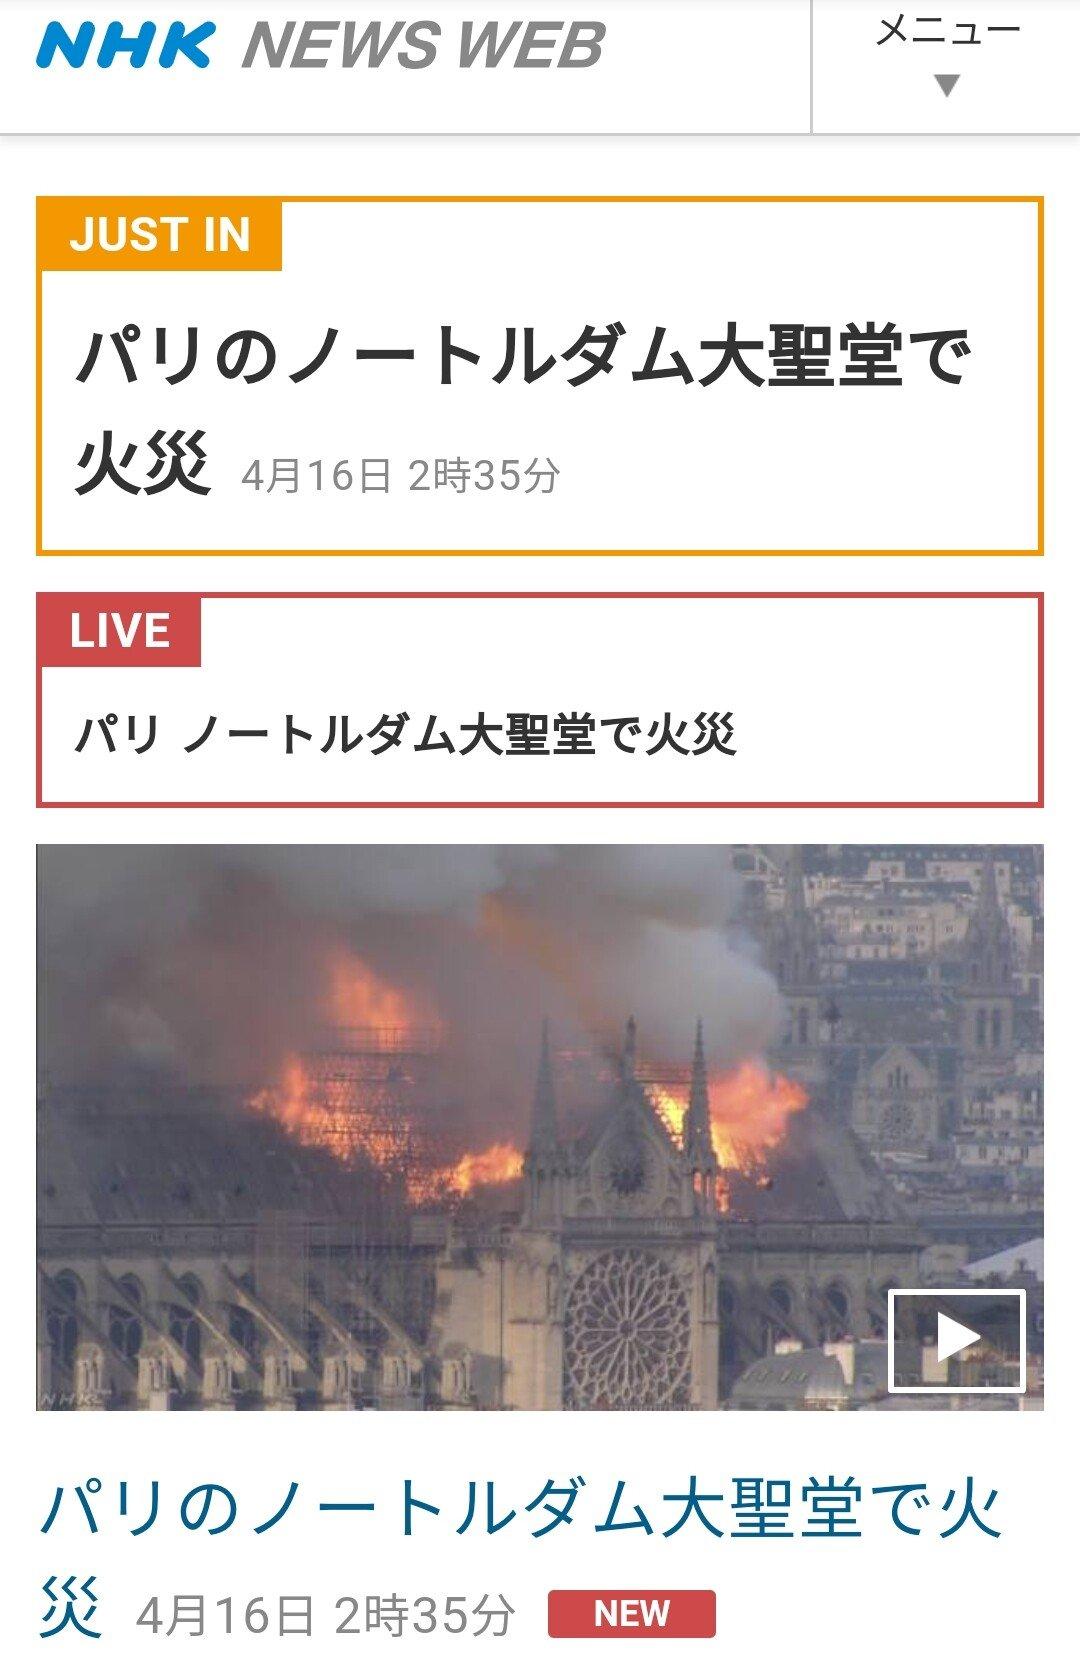 20190416_025238.jpg 세계 주요 언론사들의 뉴스 메인 상황.jpg